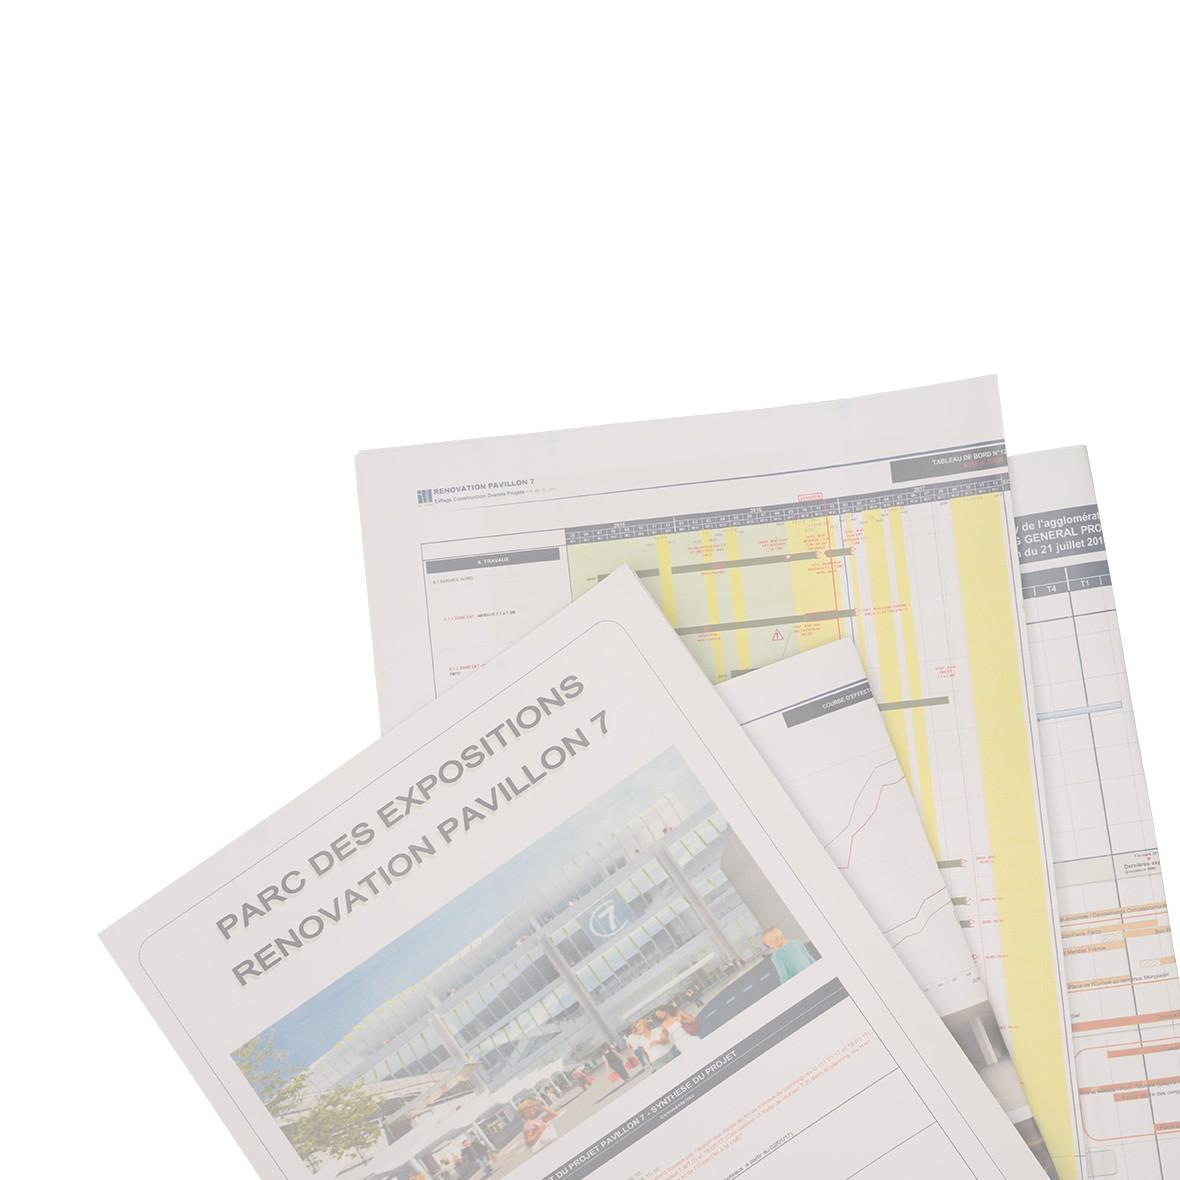 Plusieurs documents gestion de projets